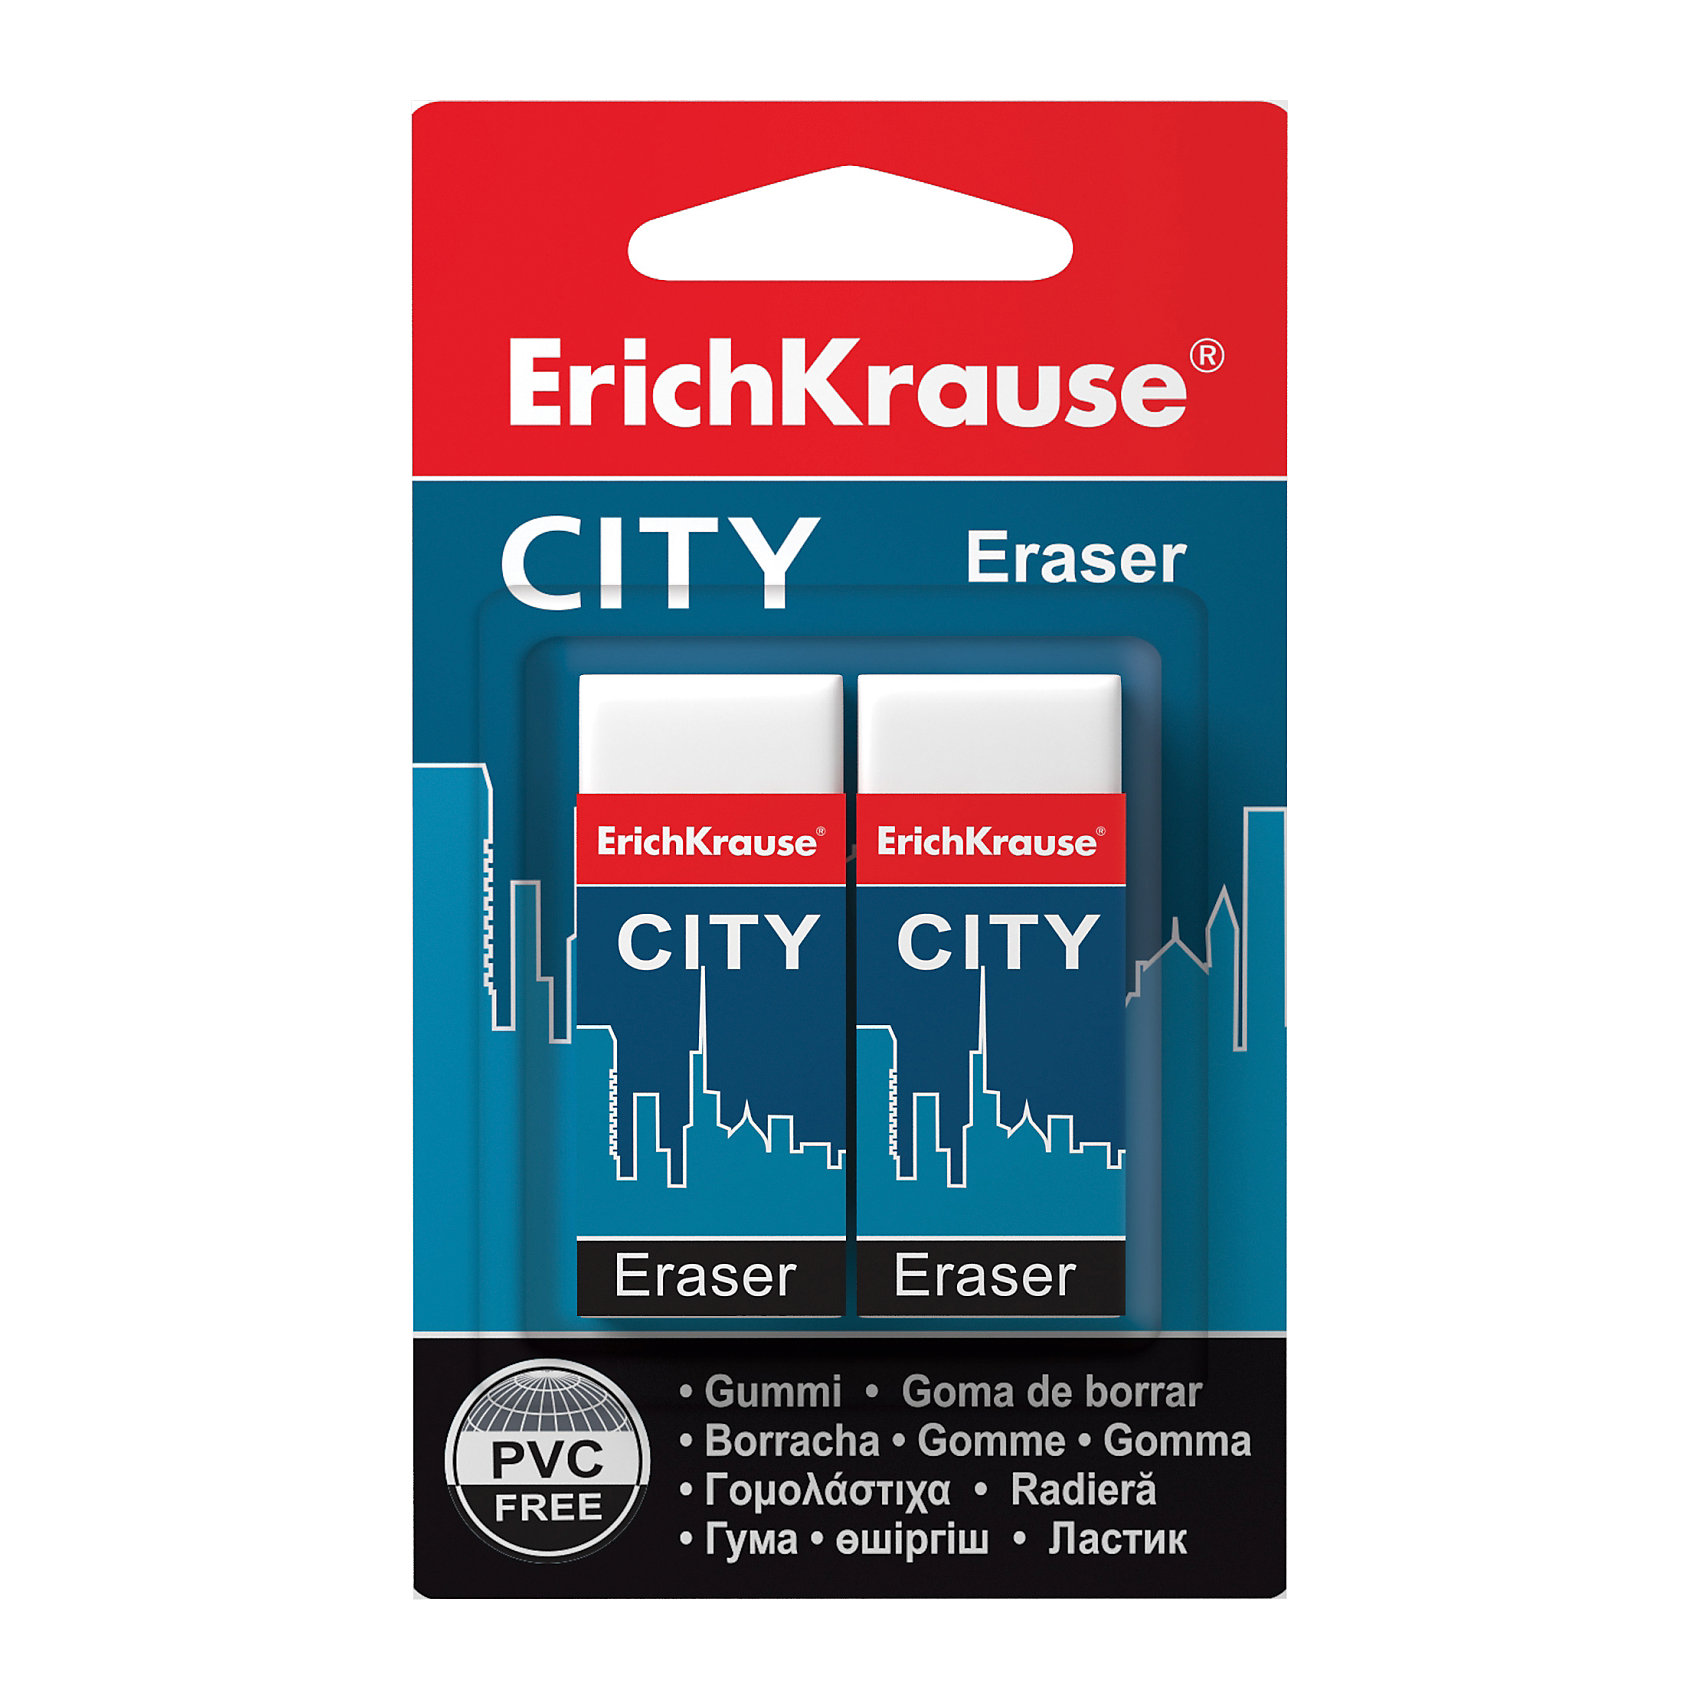 Набор из  2-х ластиков CITY (NEW), Erich KrauseЧертежные принадлежности<br>Набор из 2-х ластиков CITY (NEW), Erich Krause (Эрих Краузе).<br><br>Характеристика: <br><br>• Материал: каучук.<br>• Размер ластика: 5 х 2 х 1 см. <br>• Стружка от ластика скатывается в один комок, а не рассыпается по всей поверхности листа. <br>• 2 ластика в наборе.<br>• Ластики упакованы в защитный картонный футляр. <br><br>Ластик CITY отлично убирает карандашные линии, не рвет бумагу, упакован в защитный картонный футляр. Стружка от ластика скатывается в один комок, а не рассыпается по всей поверхности листа.<br><br>Набор из 2-х ластиков CITY (NEW), Erich Krause (Эрих Краузе), можно купить в нашем интернет-магазине.<br><br>Ширина мм: 70<br>Глубина мм: 115<br>Высота мм: 15<br>Вес г: 50<br>Возраст от месяцев: 84<br>Возраст до месяцев: 2147483647<br>Пол: Унисекс<br>Возраст: Детский<br>SKU: 5436336